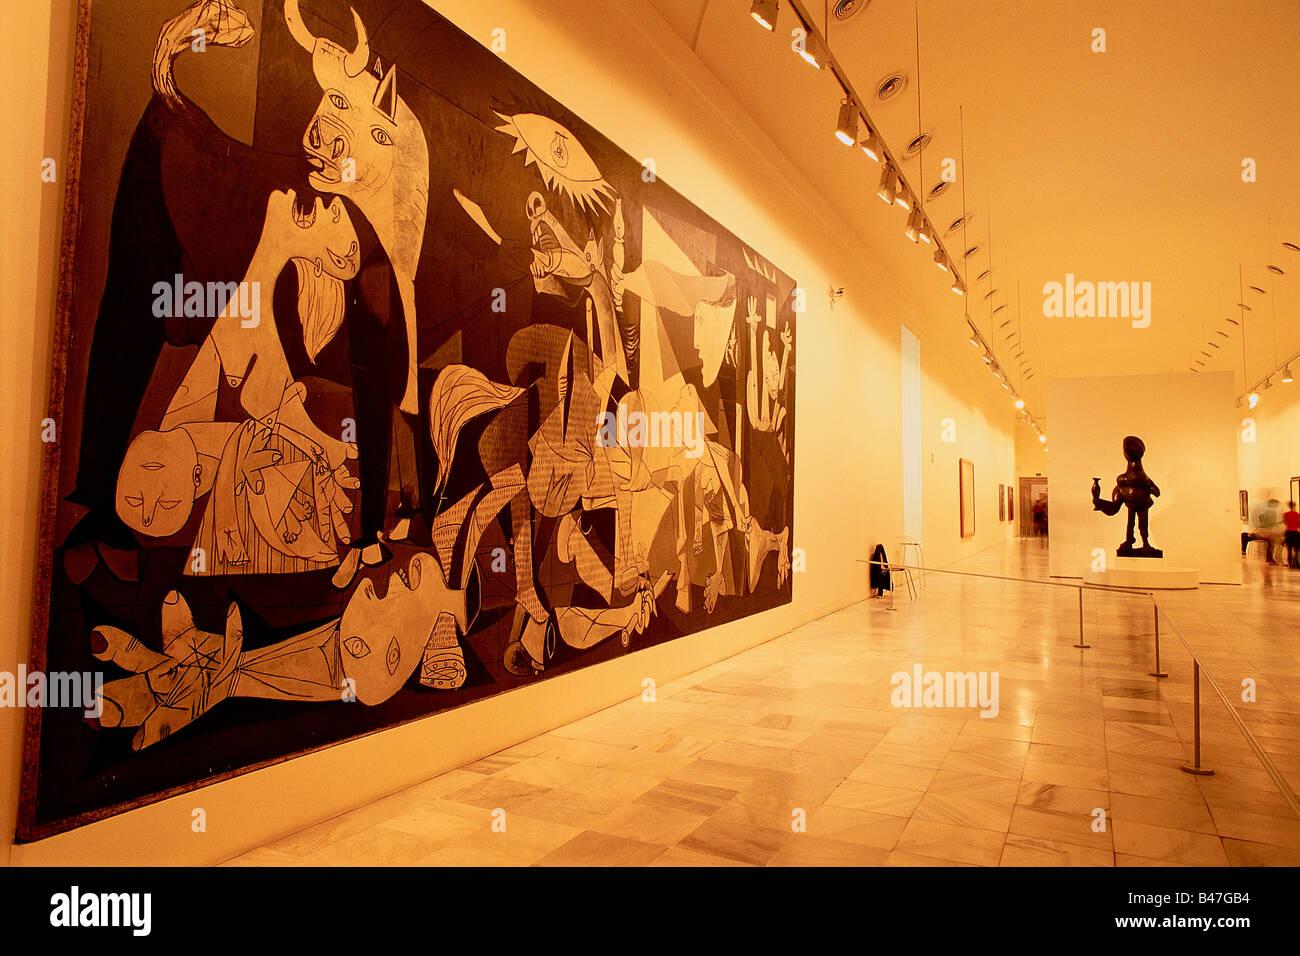 Espagne - Madrid - Centro de Arte Reina Sofia - Centre d'Art de la Reine Sofia - Musée d'art moderne Photo Stock